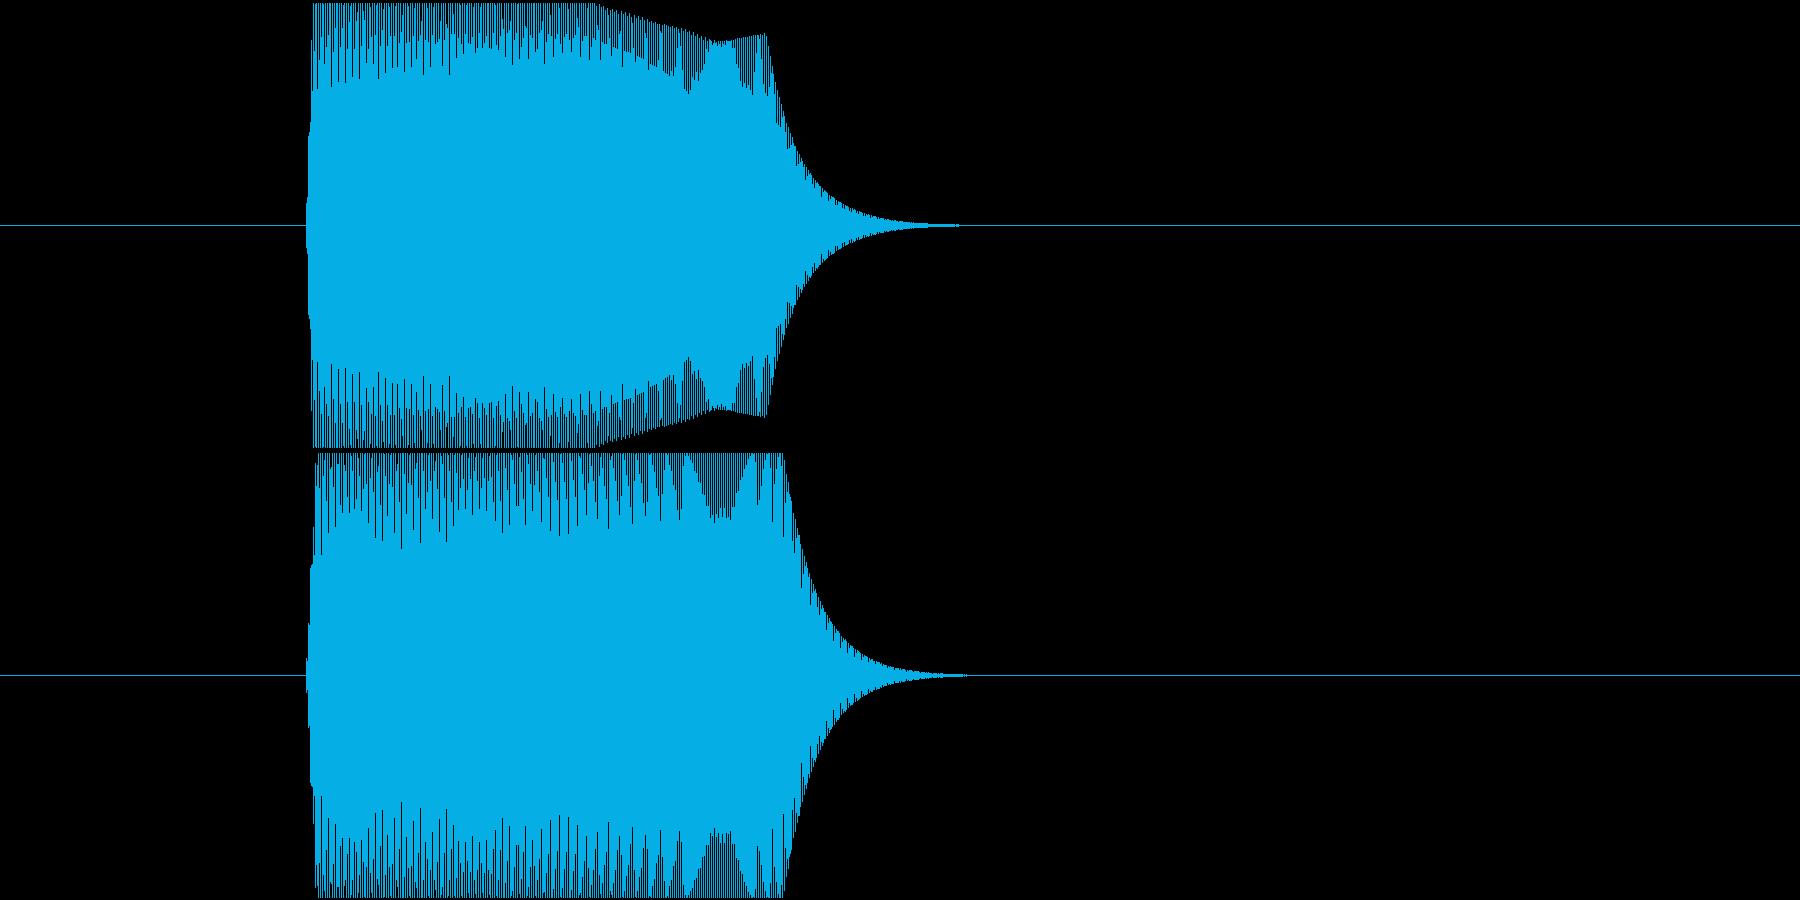 ジャンプ、ぴょん、ぽい、ポップな上昇音の再生済みの波形